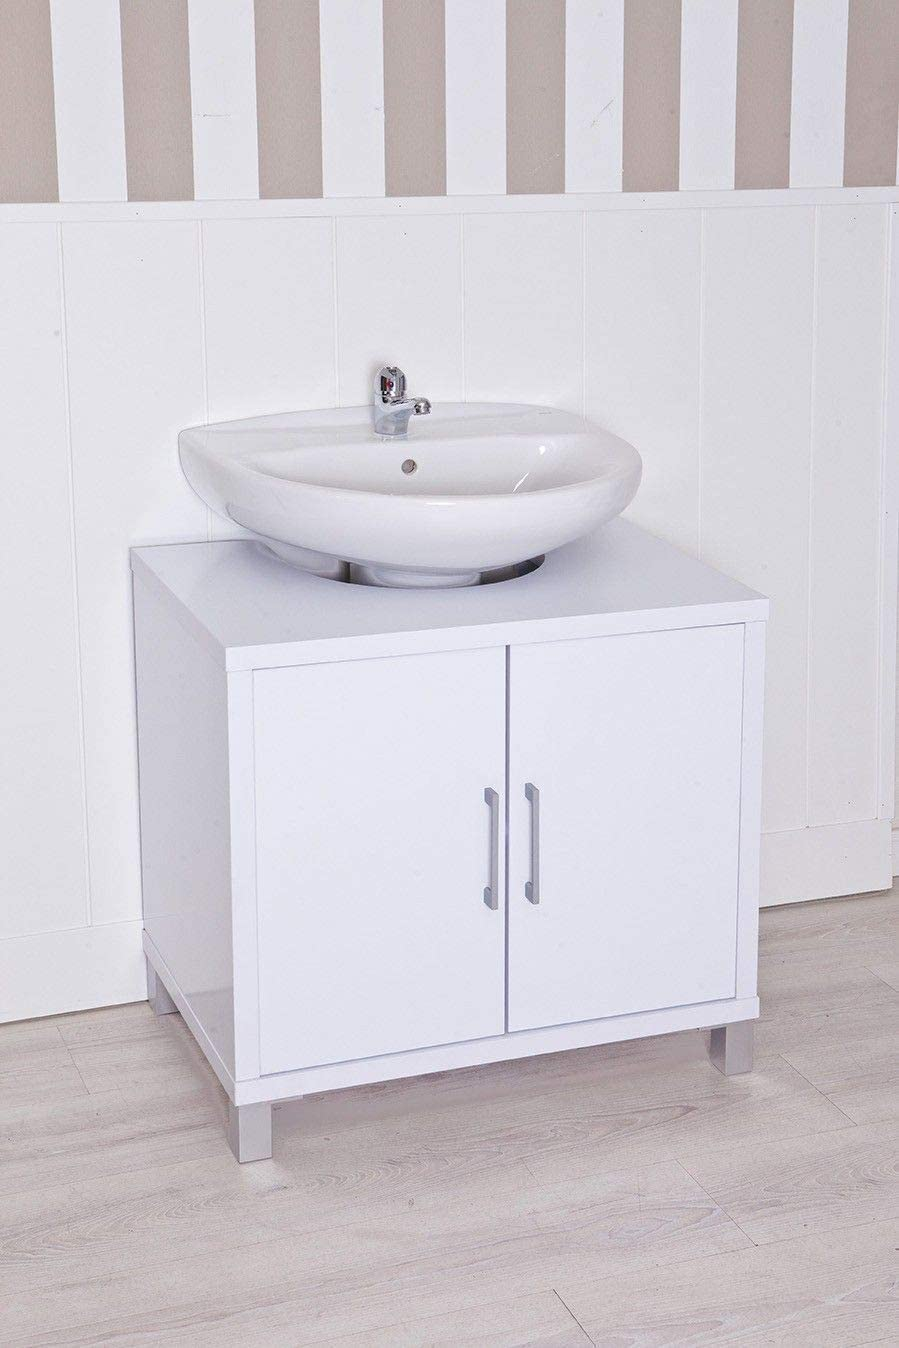 TOP KIT   Mueble Bajo Lavabo Gala 8915-70 x 67 x 45   Blanco